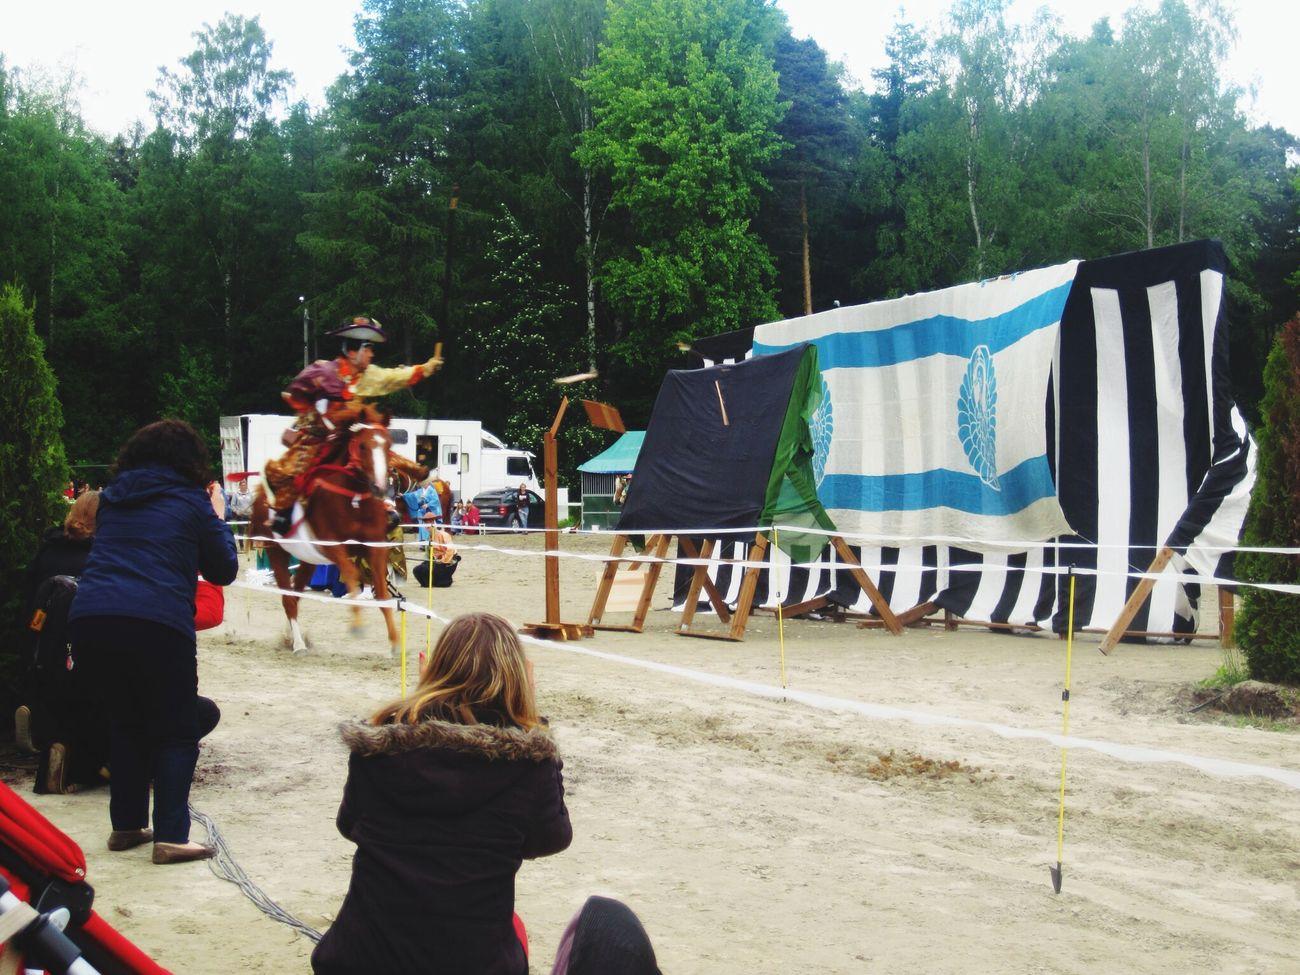 一本目‼︎ 3つ全て当たりました!The first one!! Every 3 hits were perfect! Yabusame Horse Riding Japanese Archery